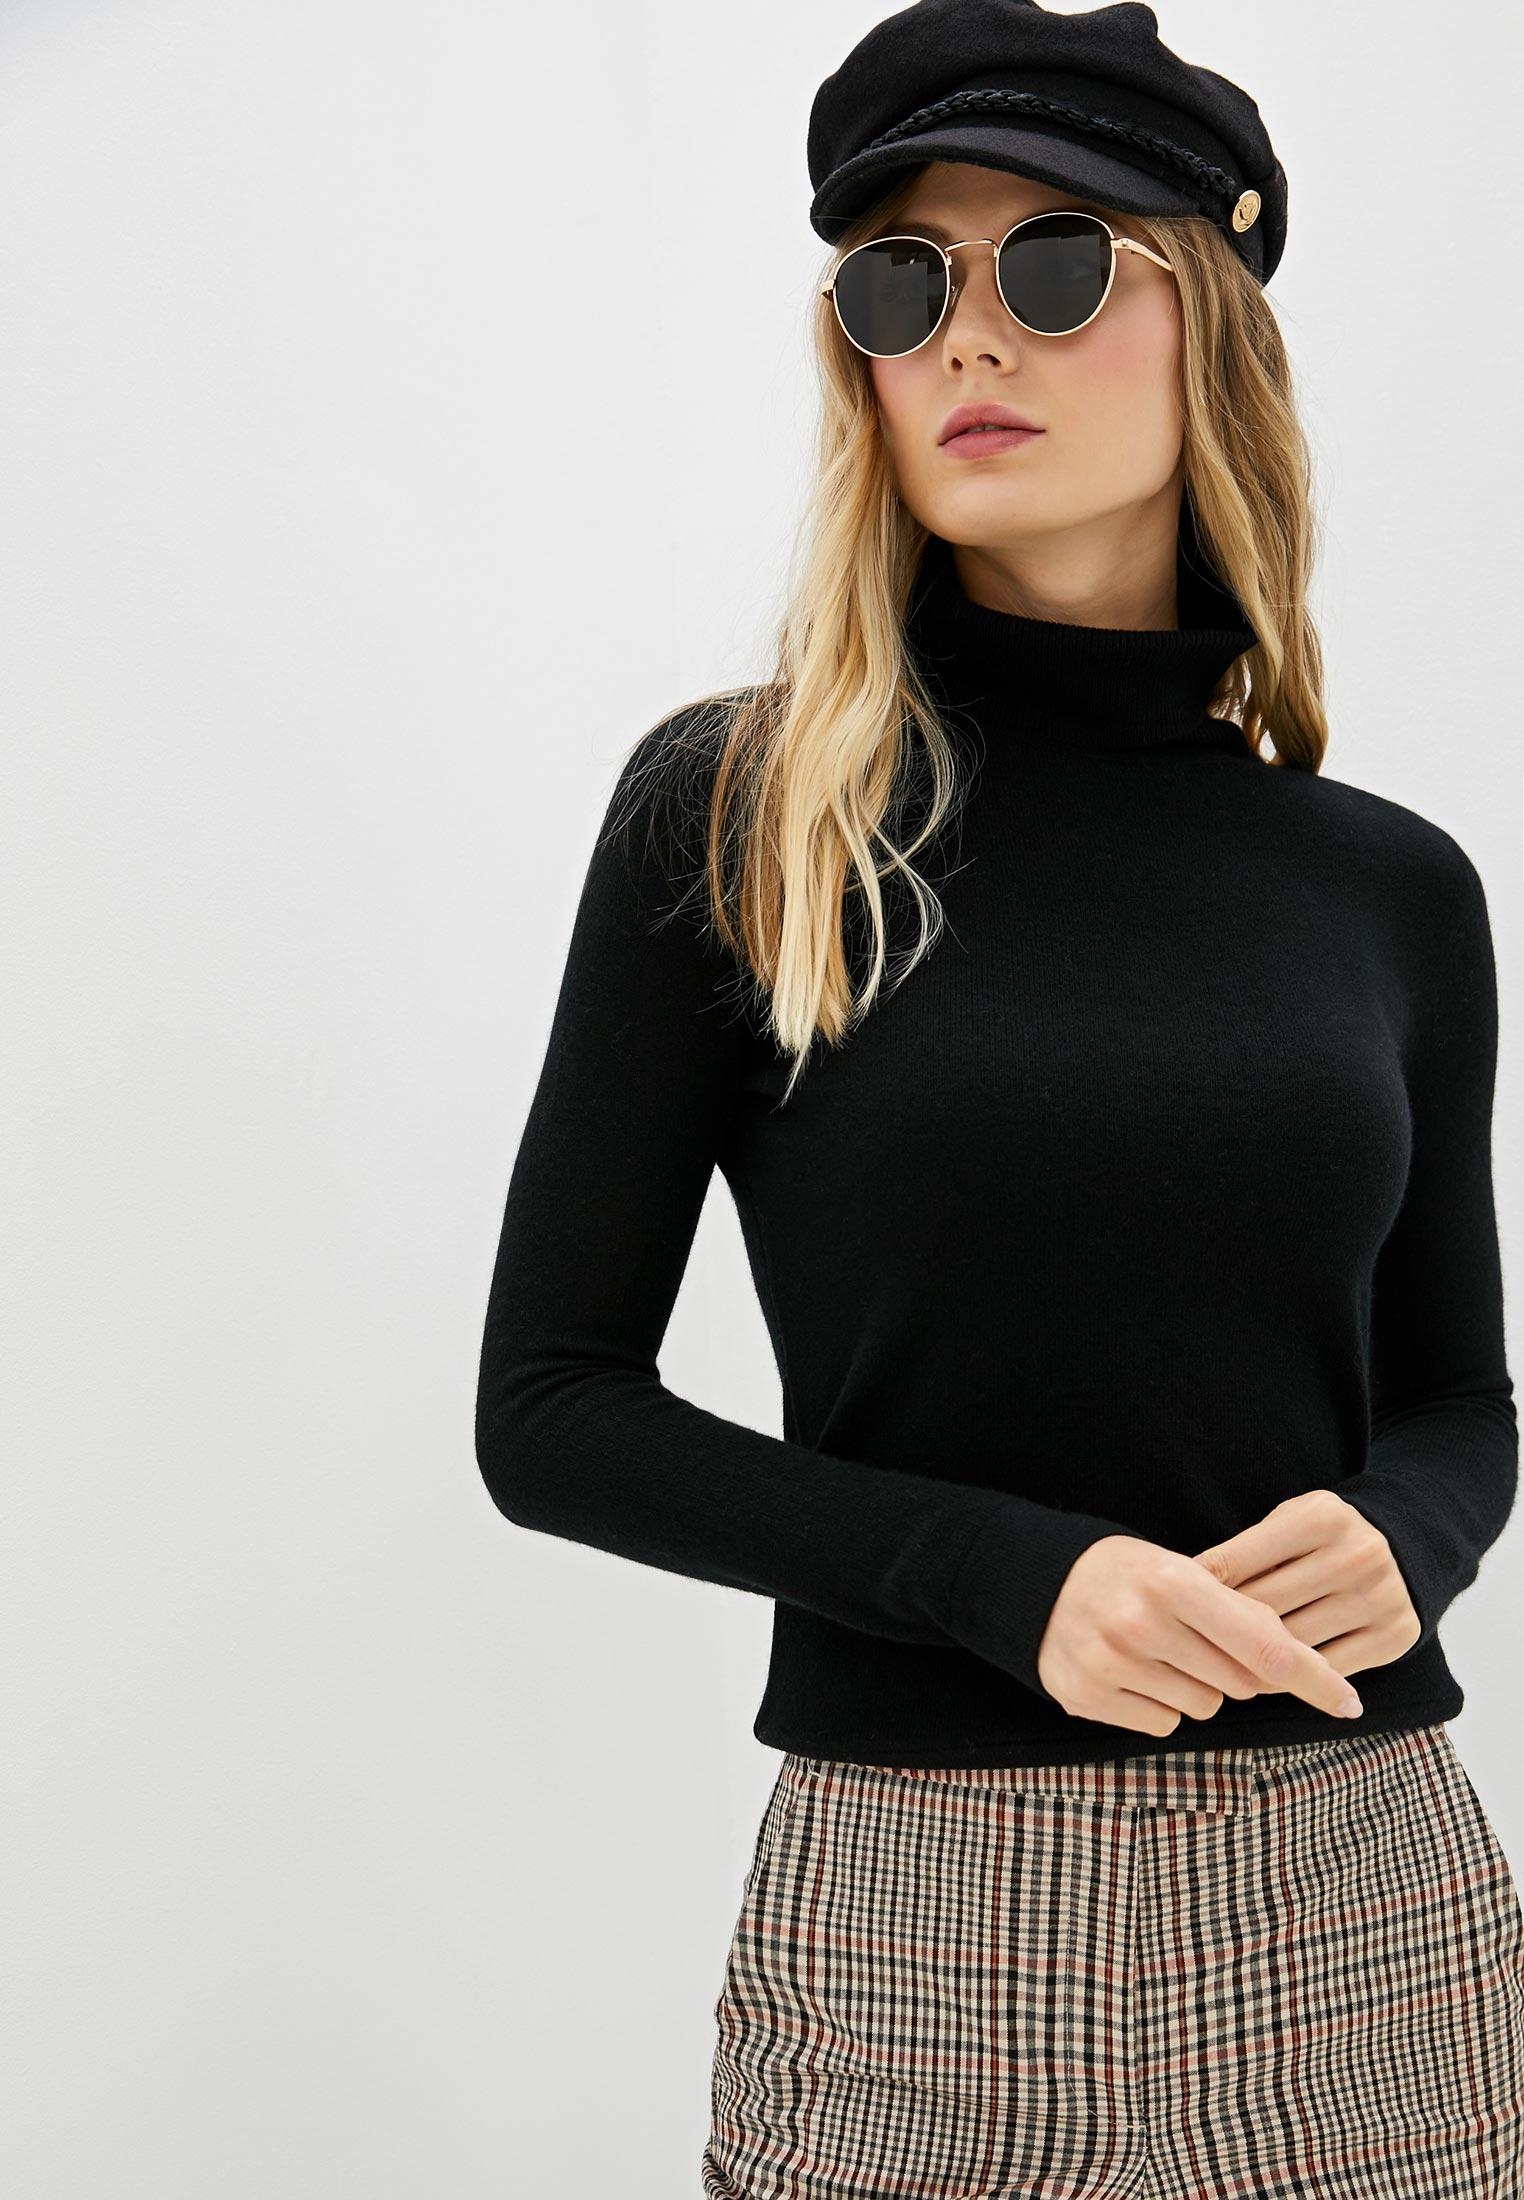 Водолазка, Lusio, цвет: черный. Артикул: LU018EWGWCV1. Одежда / Джемперы, свитеры и кардиганы